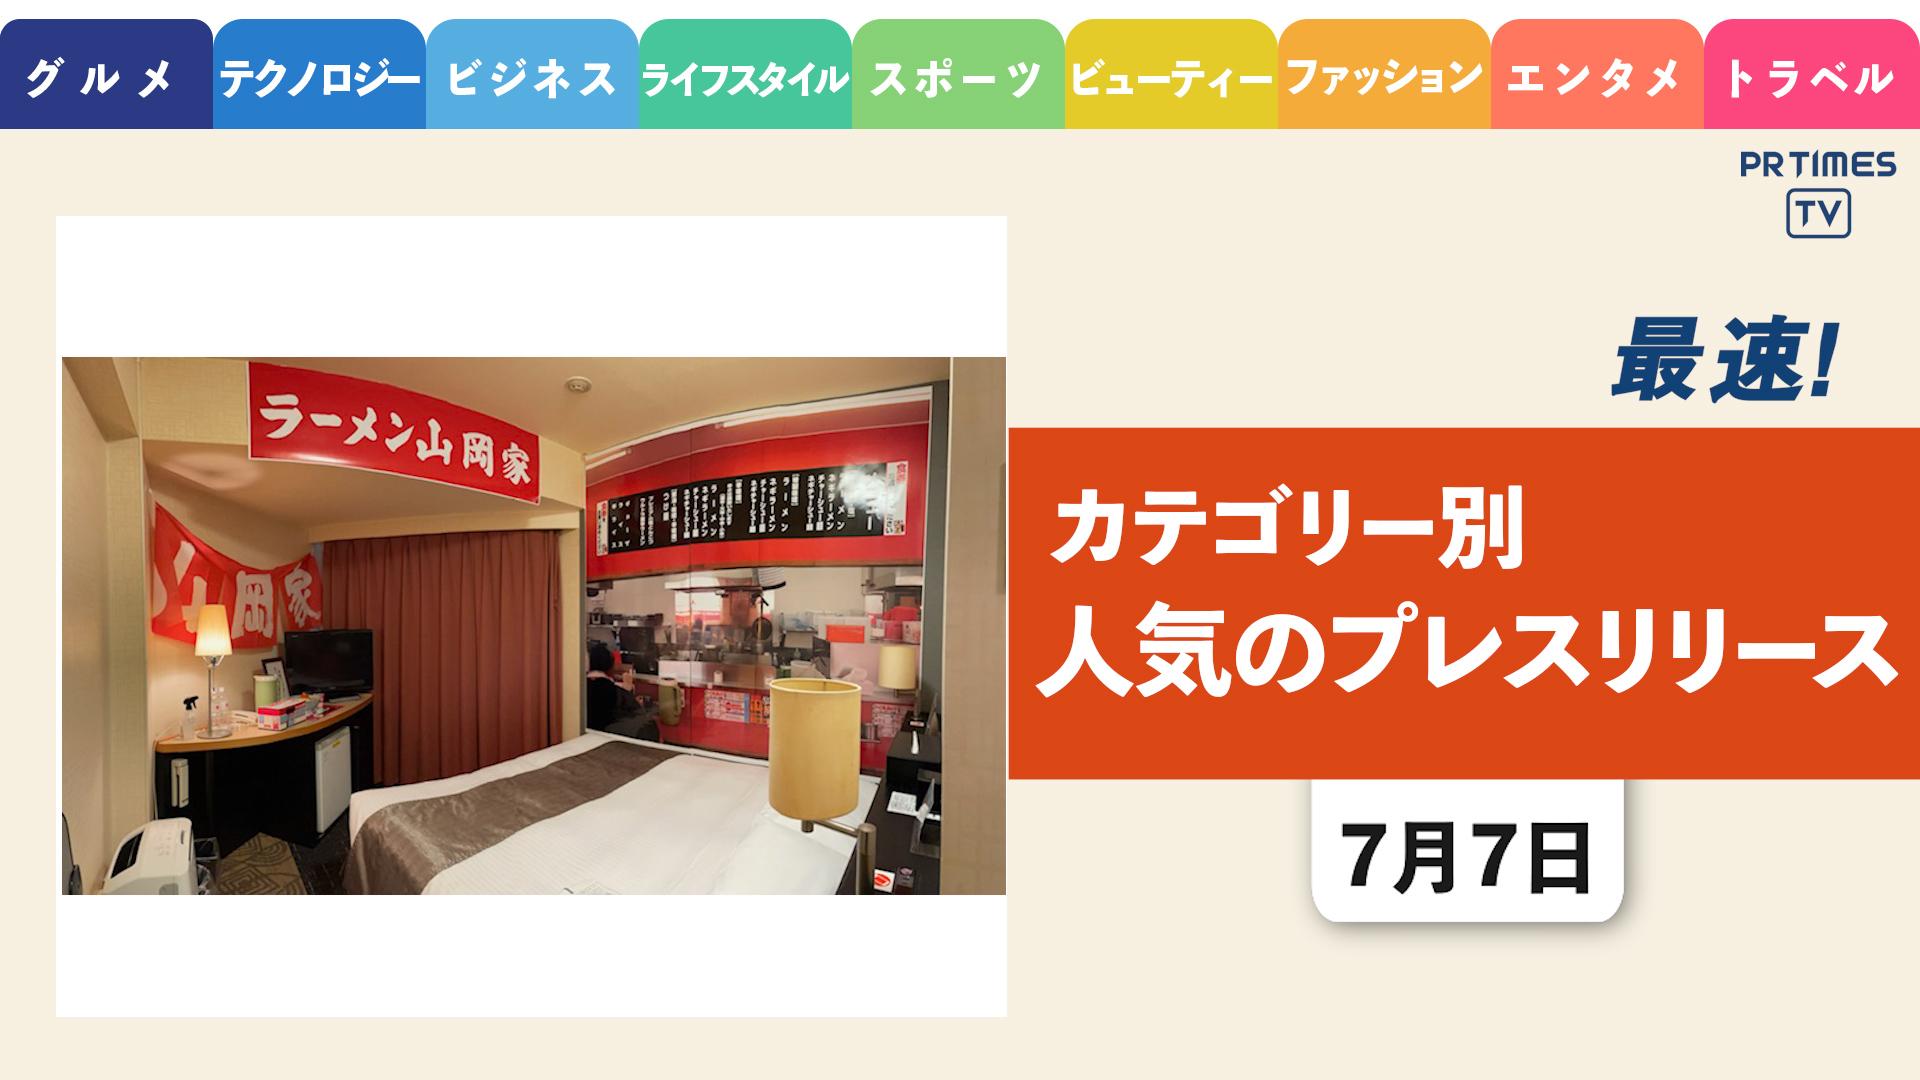 【東急REIホテルがラーメン山岡家とコラボ 新宿泊プランを販売】 ほか、カテゴリー別新着トレンド7月7日